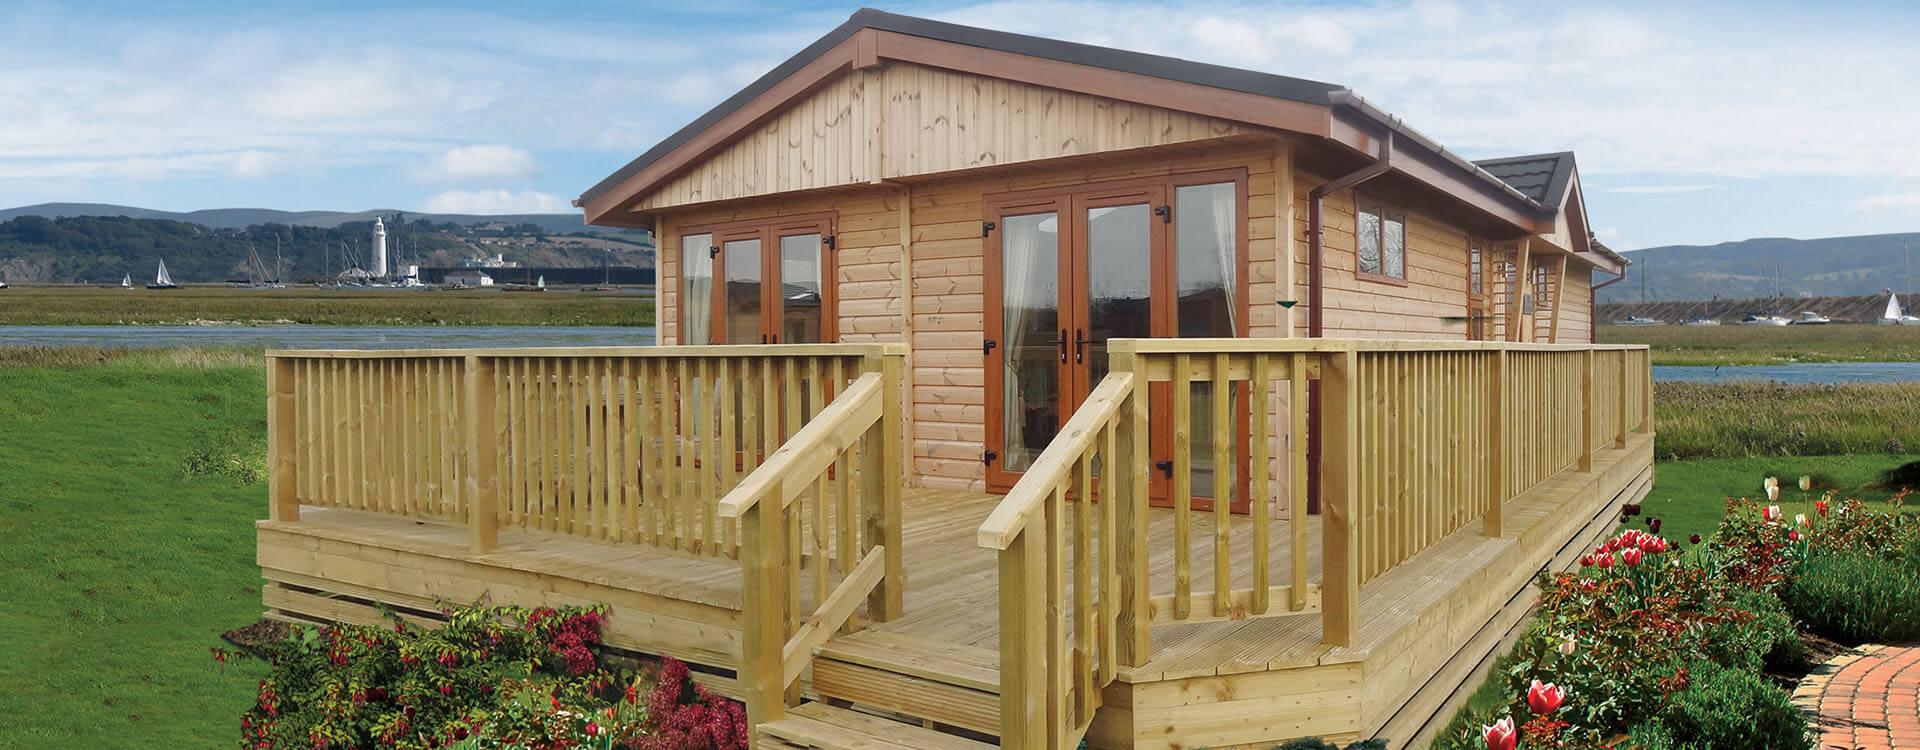 Bowmoor - Own Land Homes